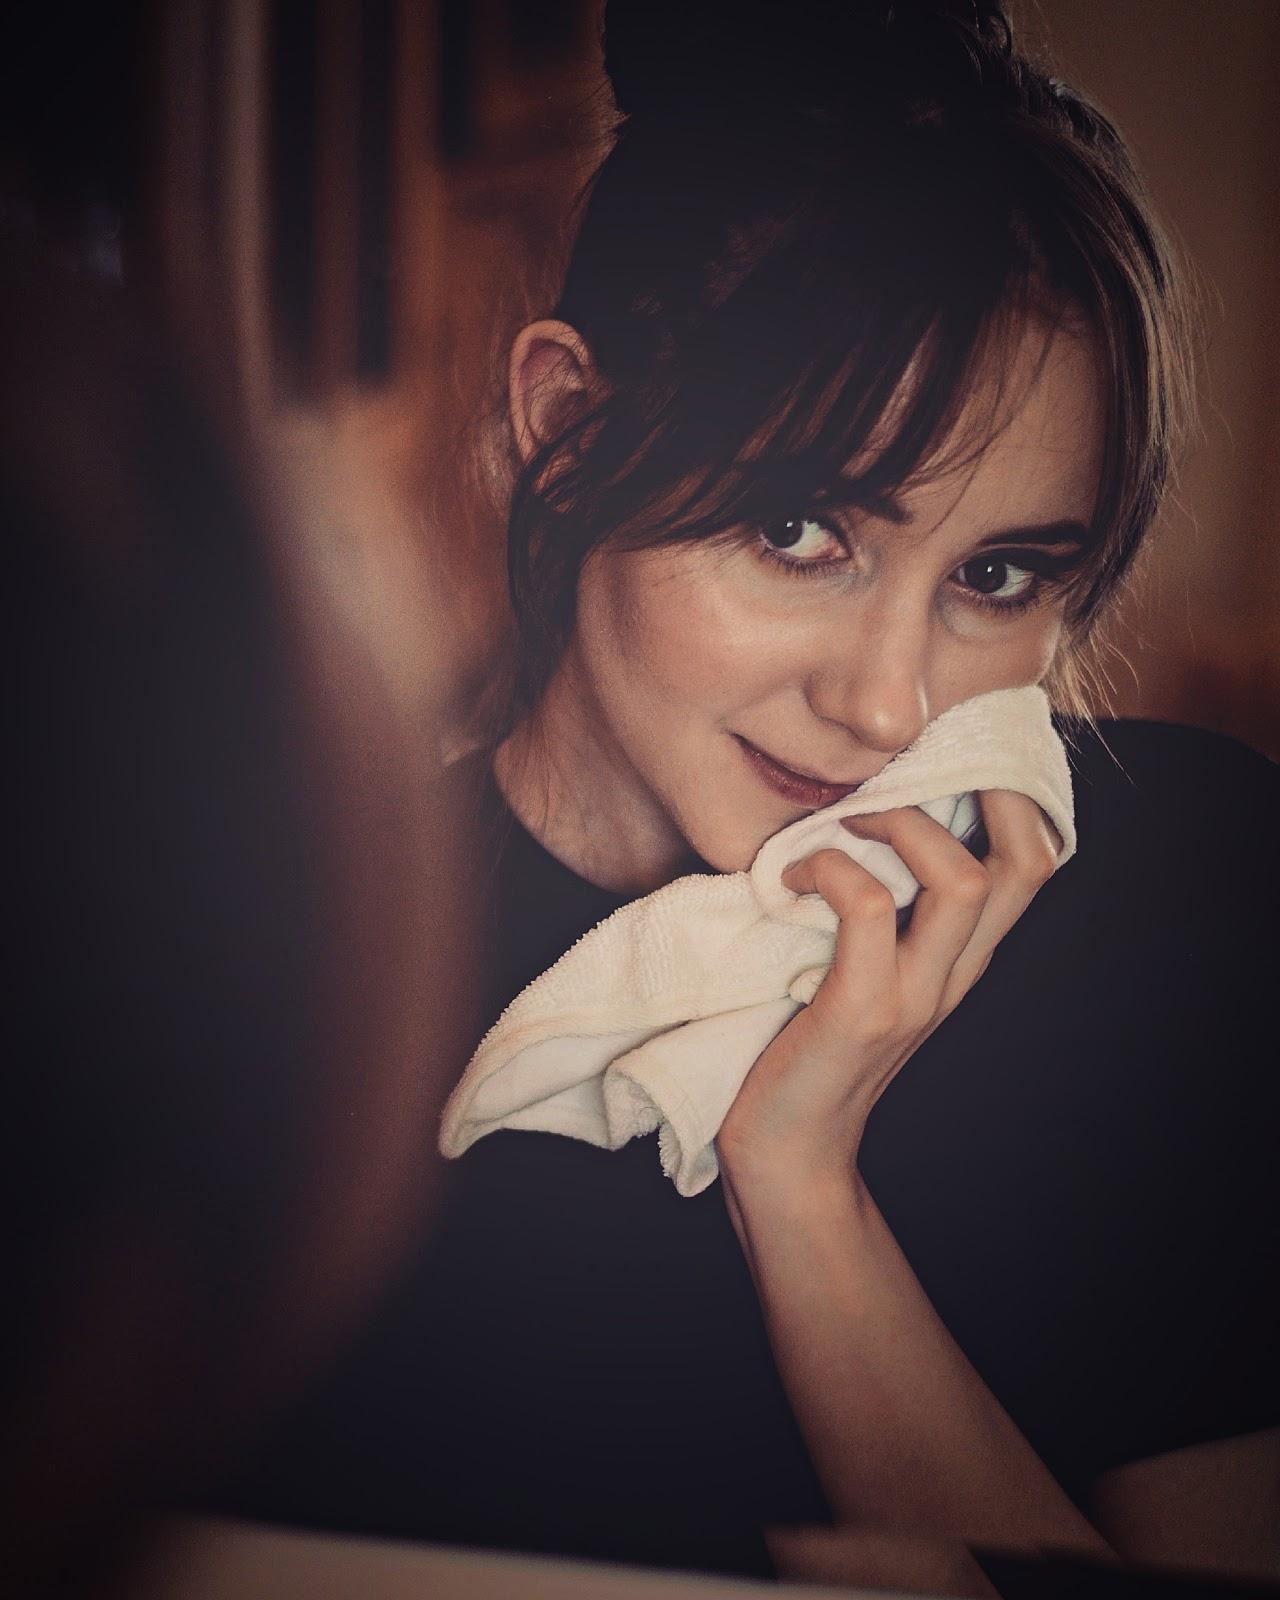 szmatki do oczyszczania skóry ręcznik do twarzy rękawica glov efekty pryszcze jak pozbyć się trądziku rozszerzone pory